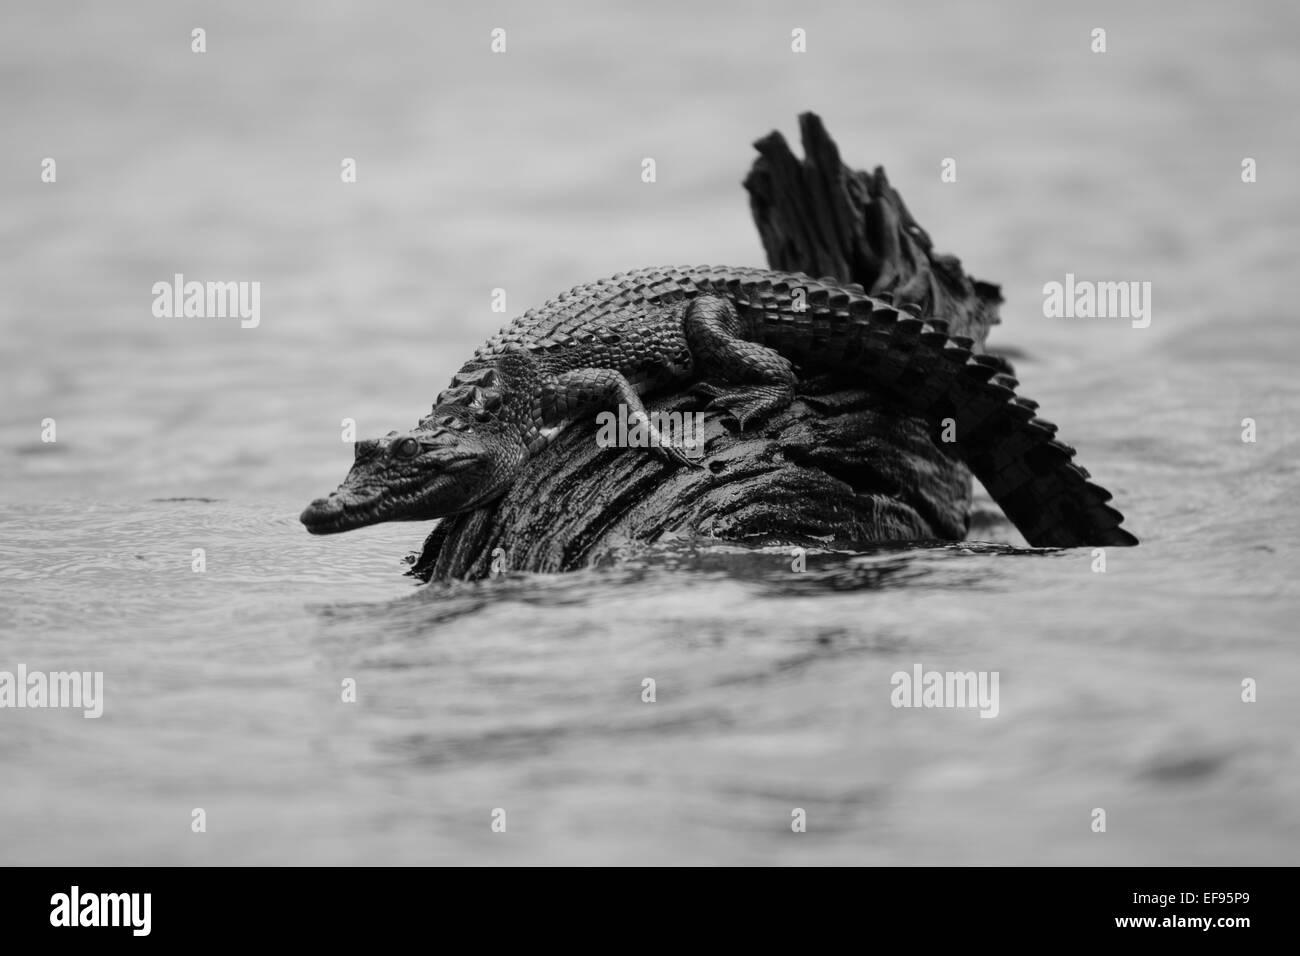 Baby crocodile on log Stock Photo